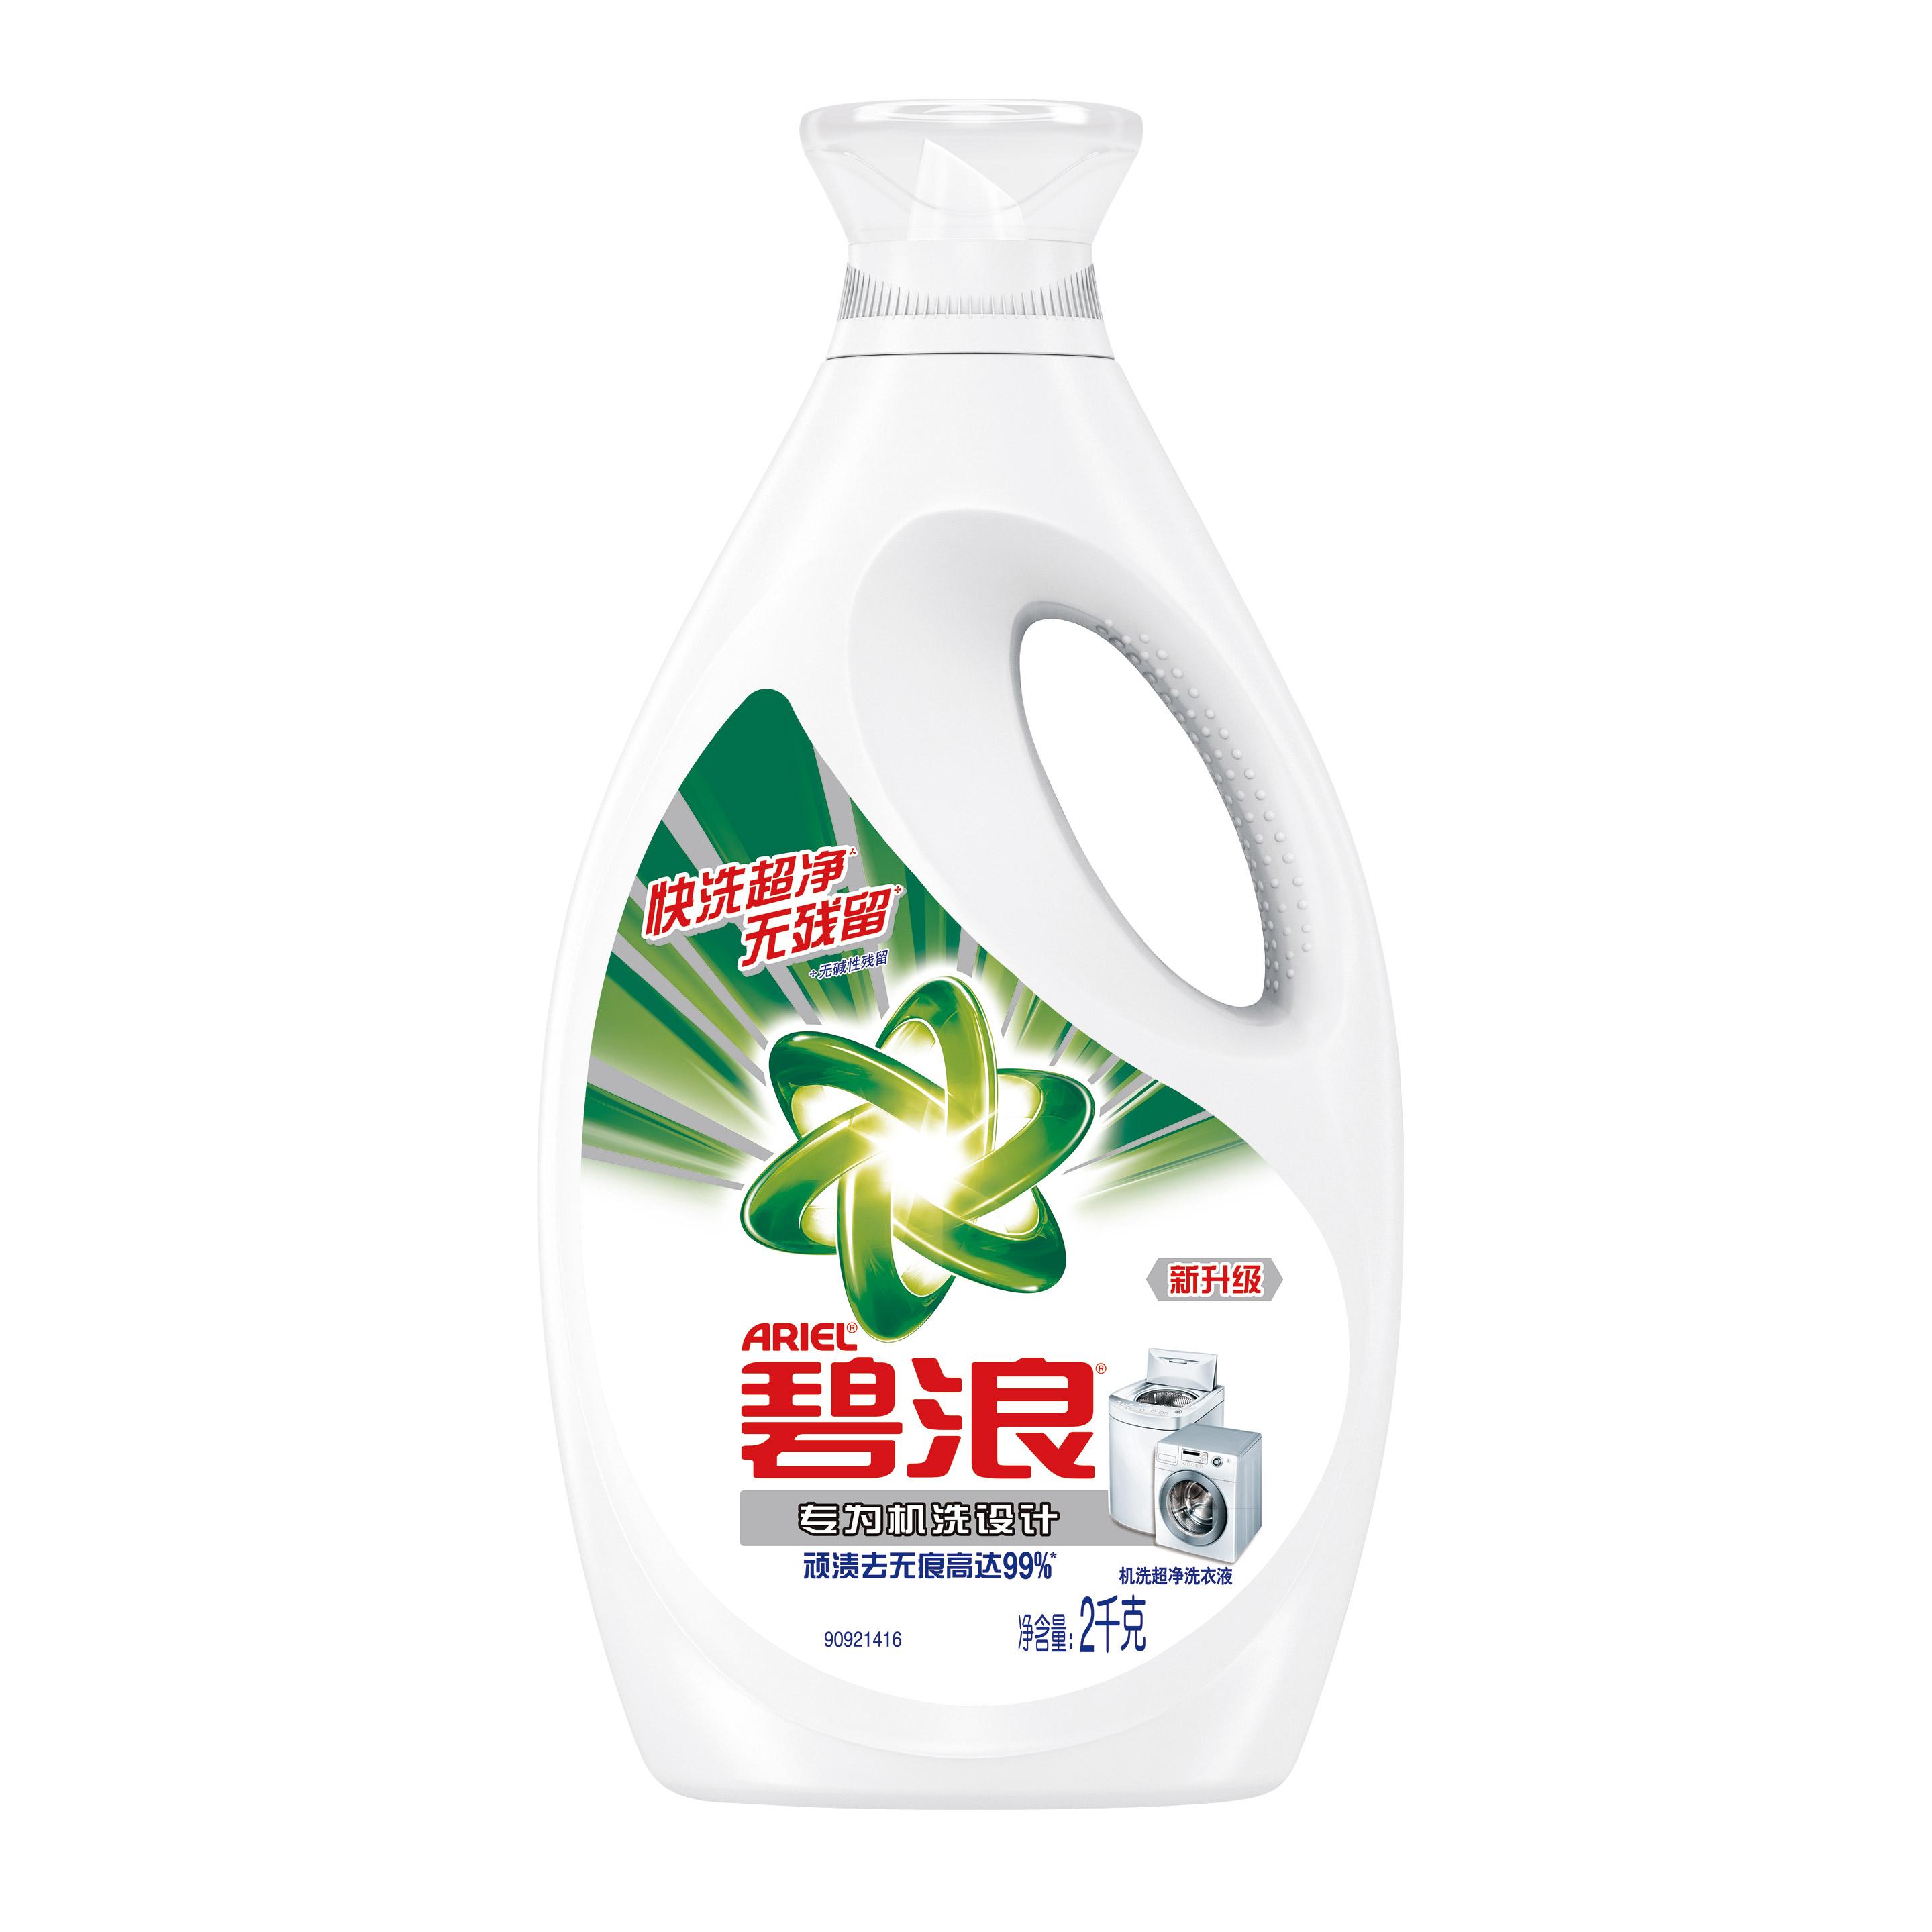 ~天貓超市~碧浪機洗超淨洗衣液2千克  2kg